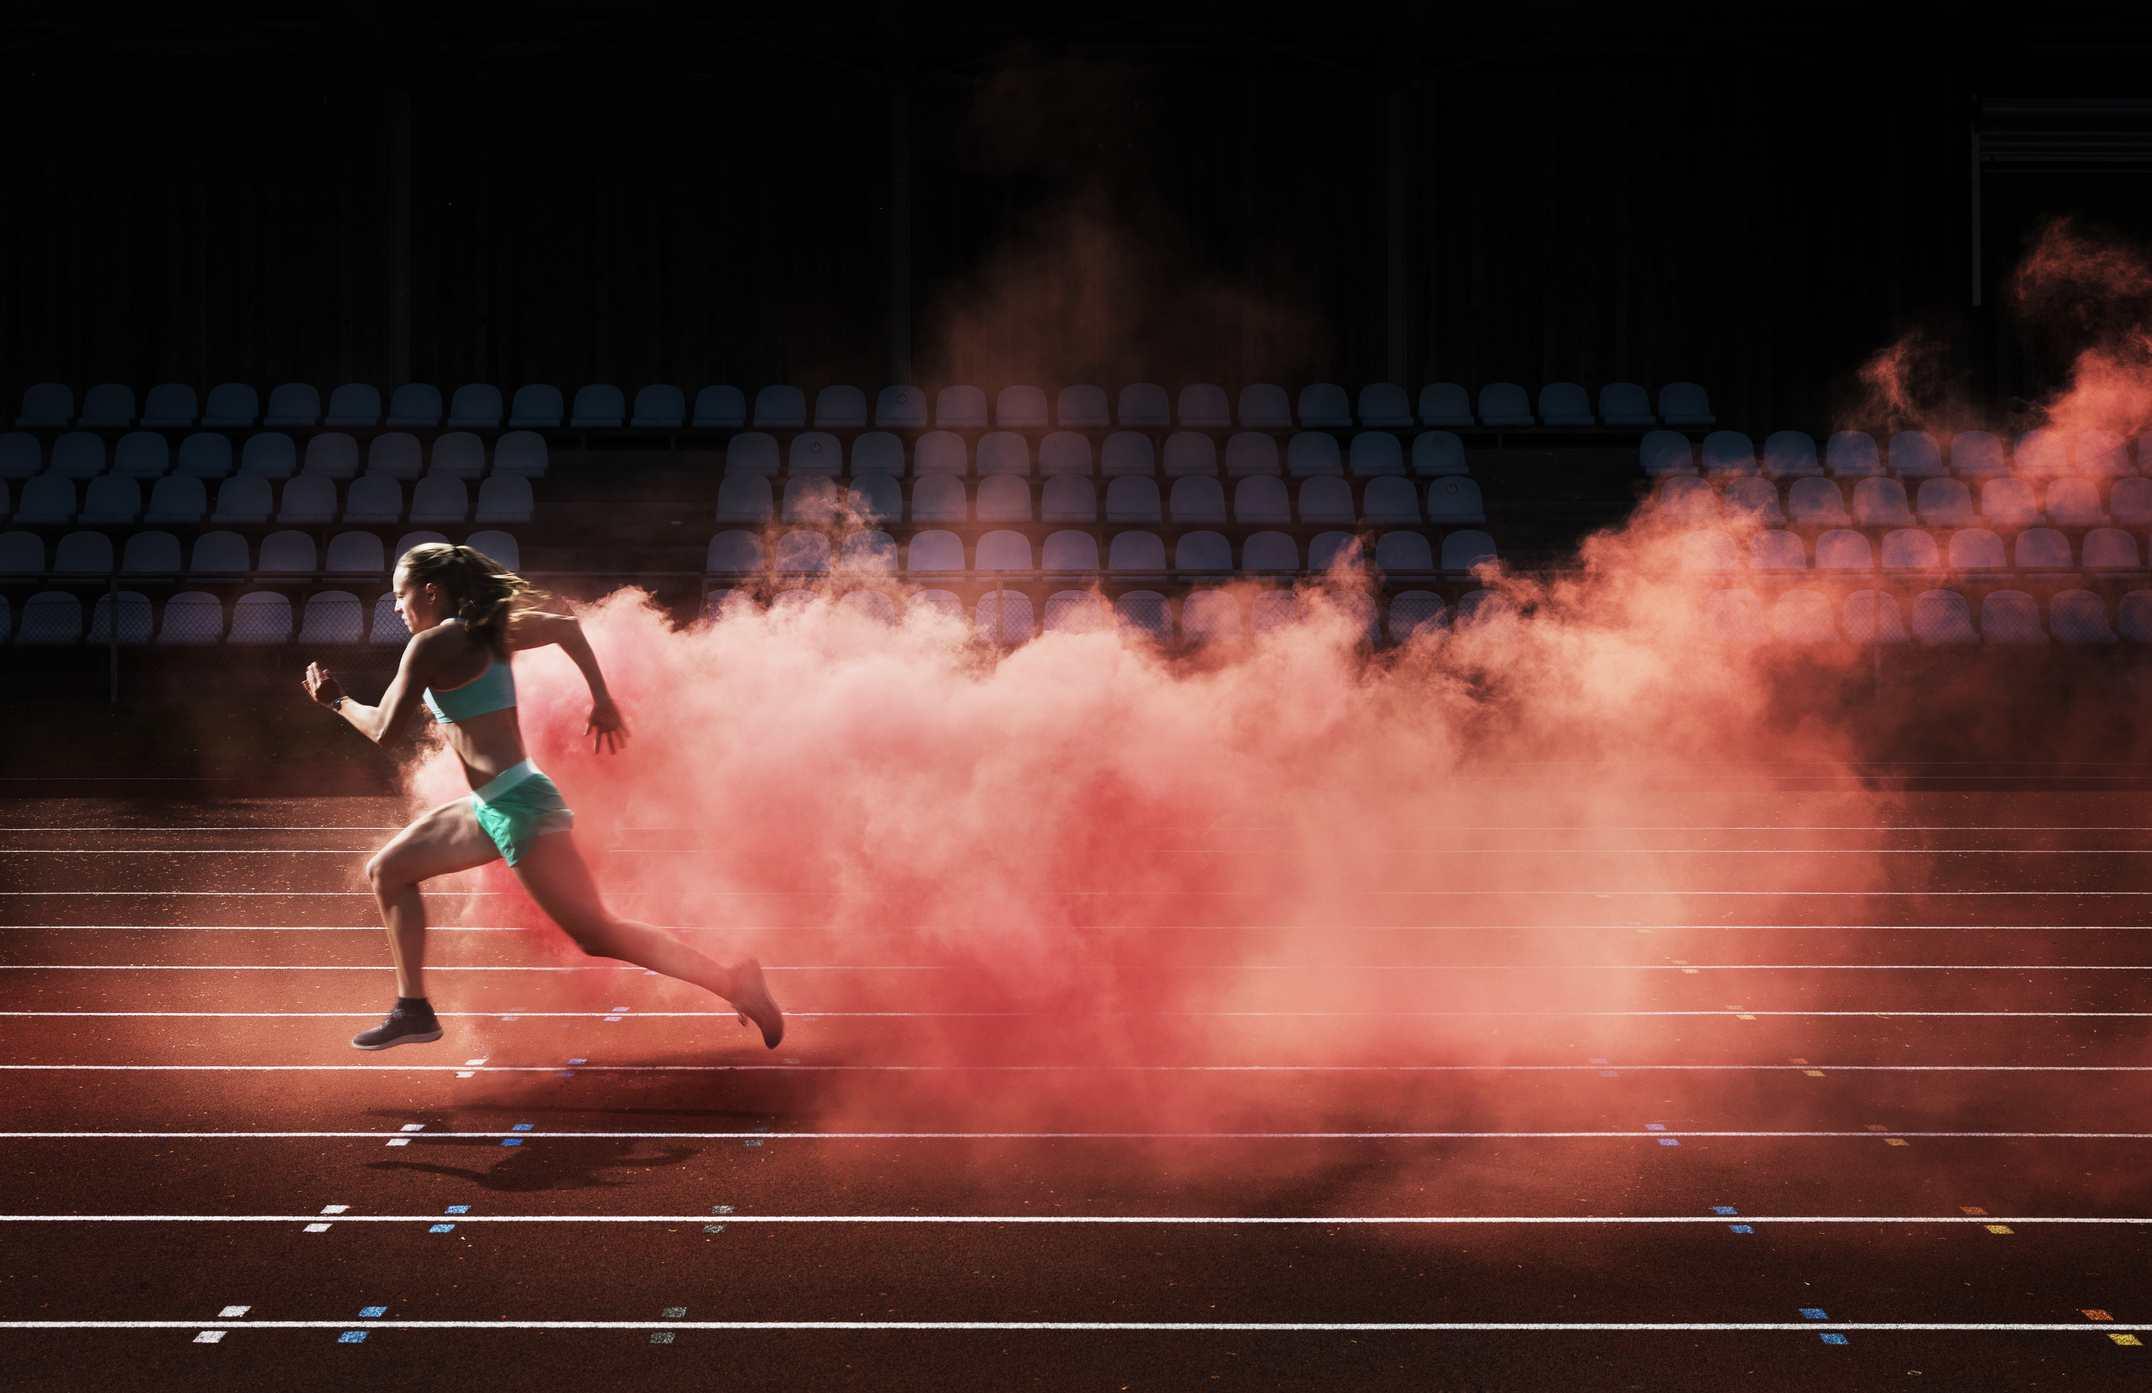 corredor corriendo en la pista